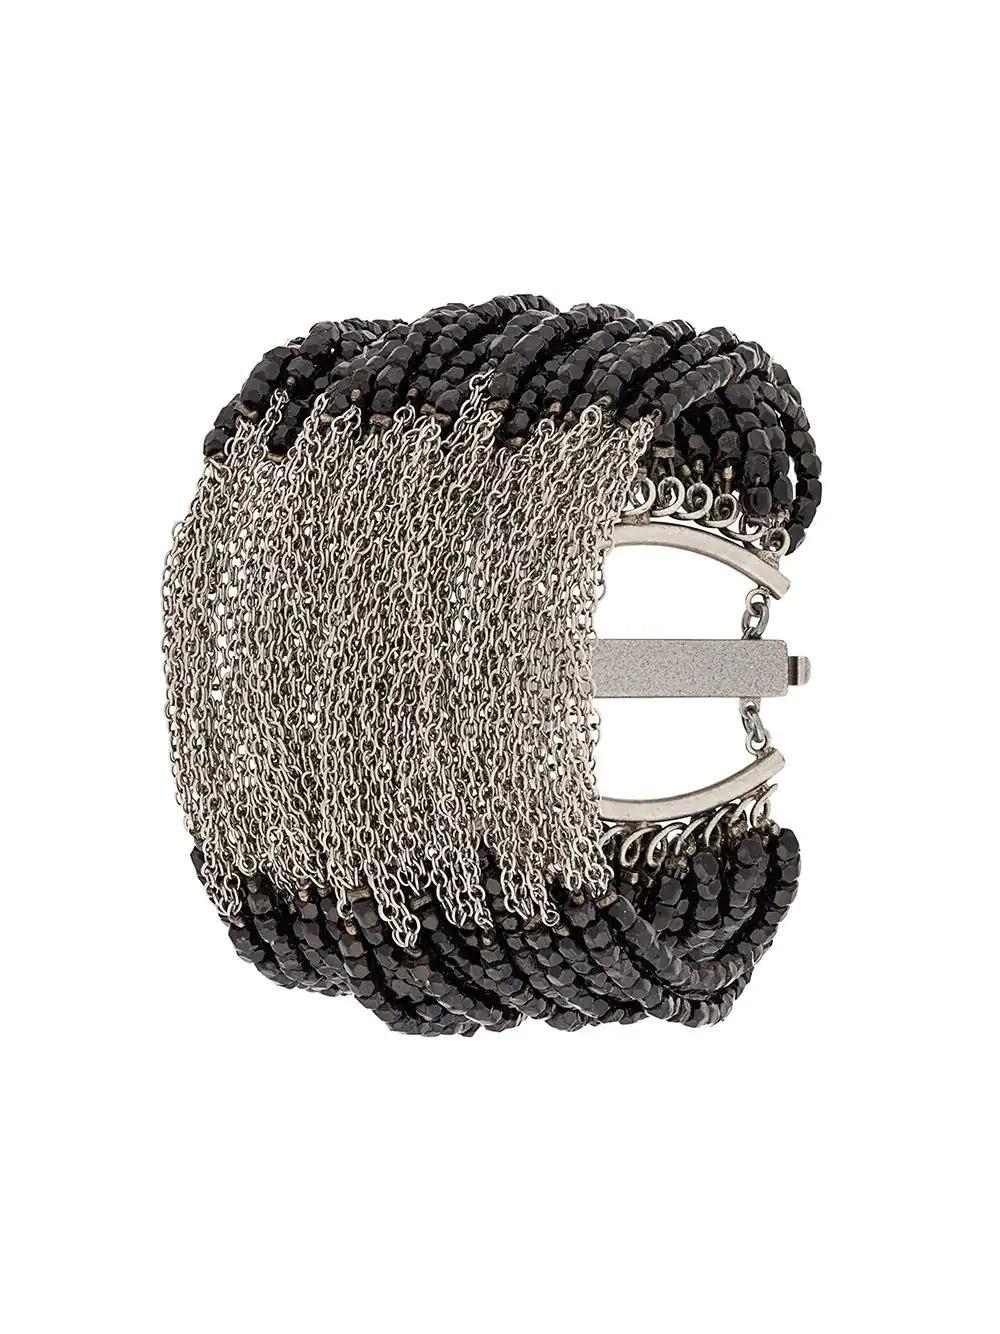 Marc Le Bihan Chain Embellished Bracelet - Black